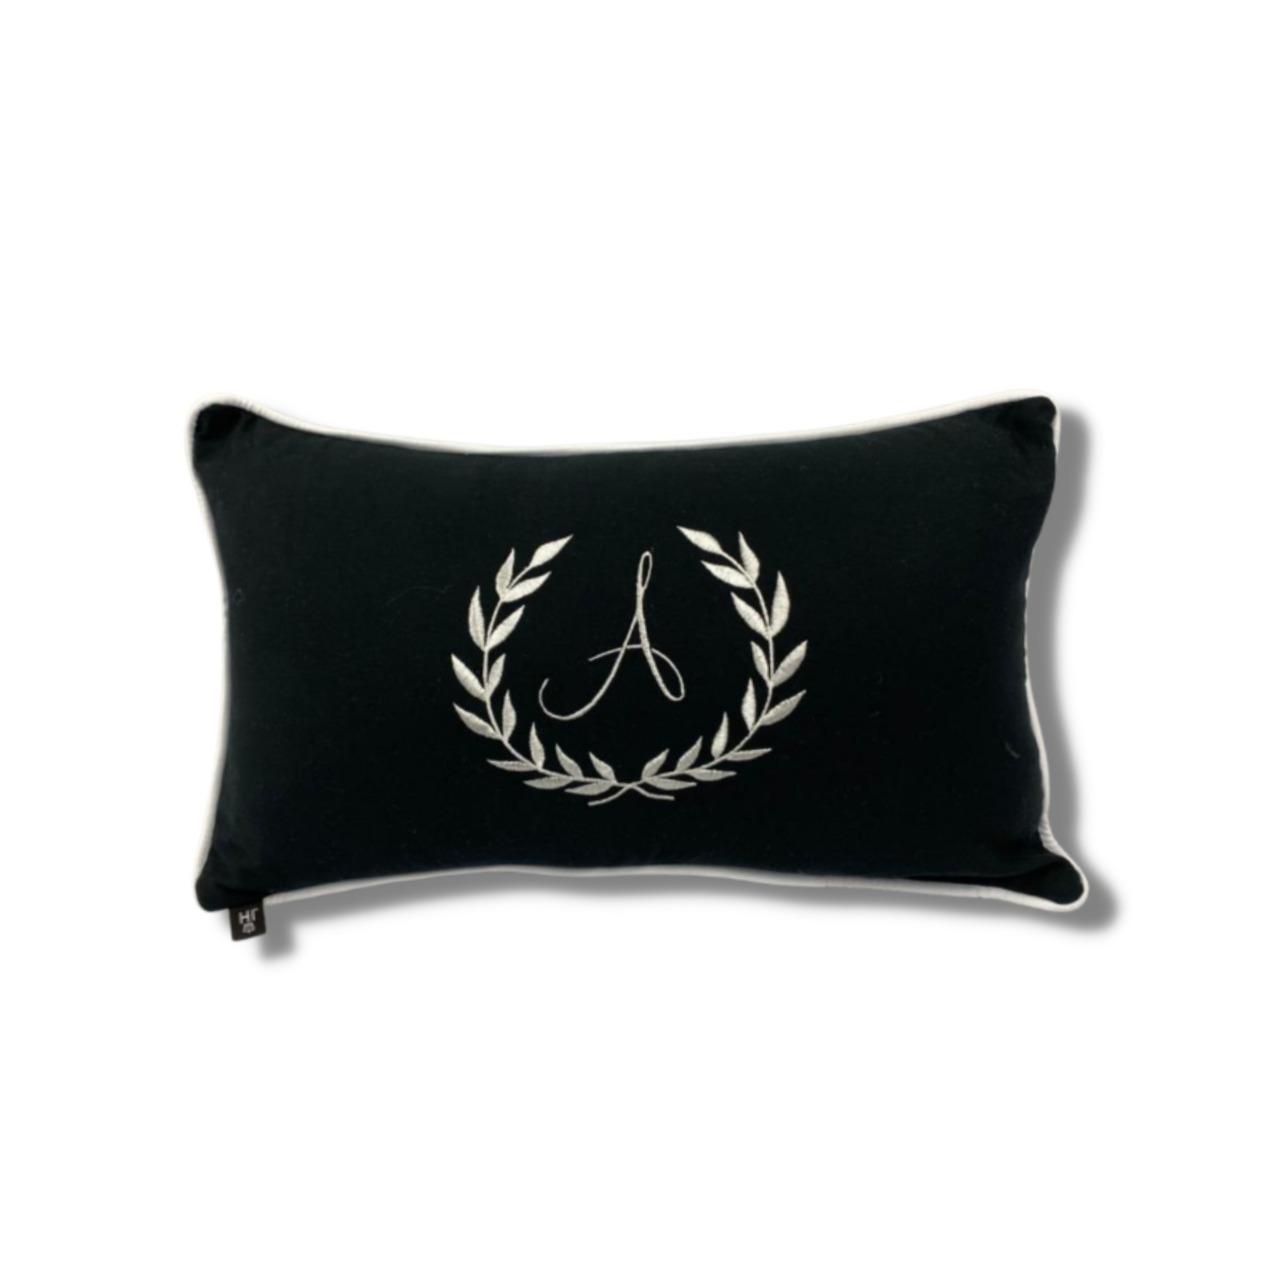 Almofada inicial brasão: preto e branco